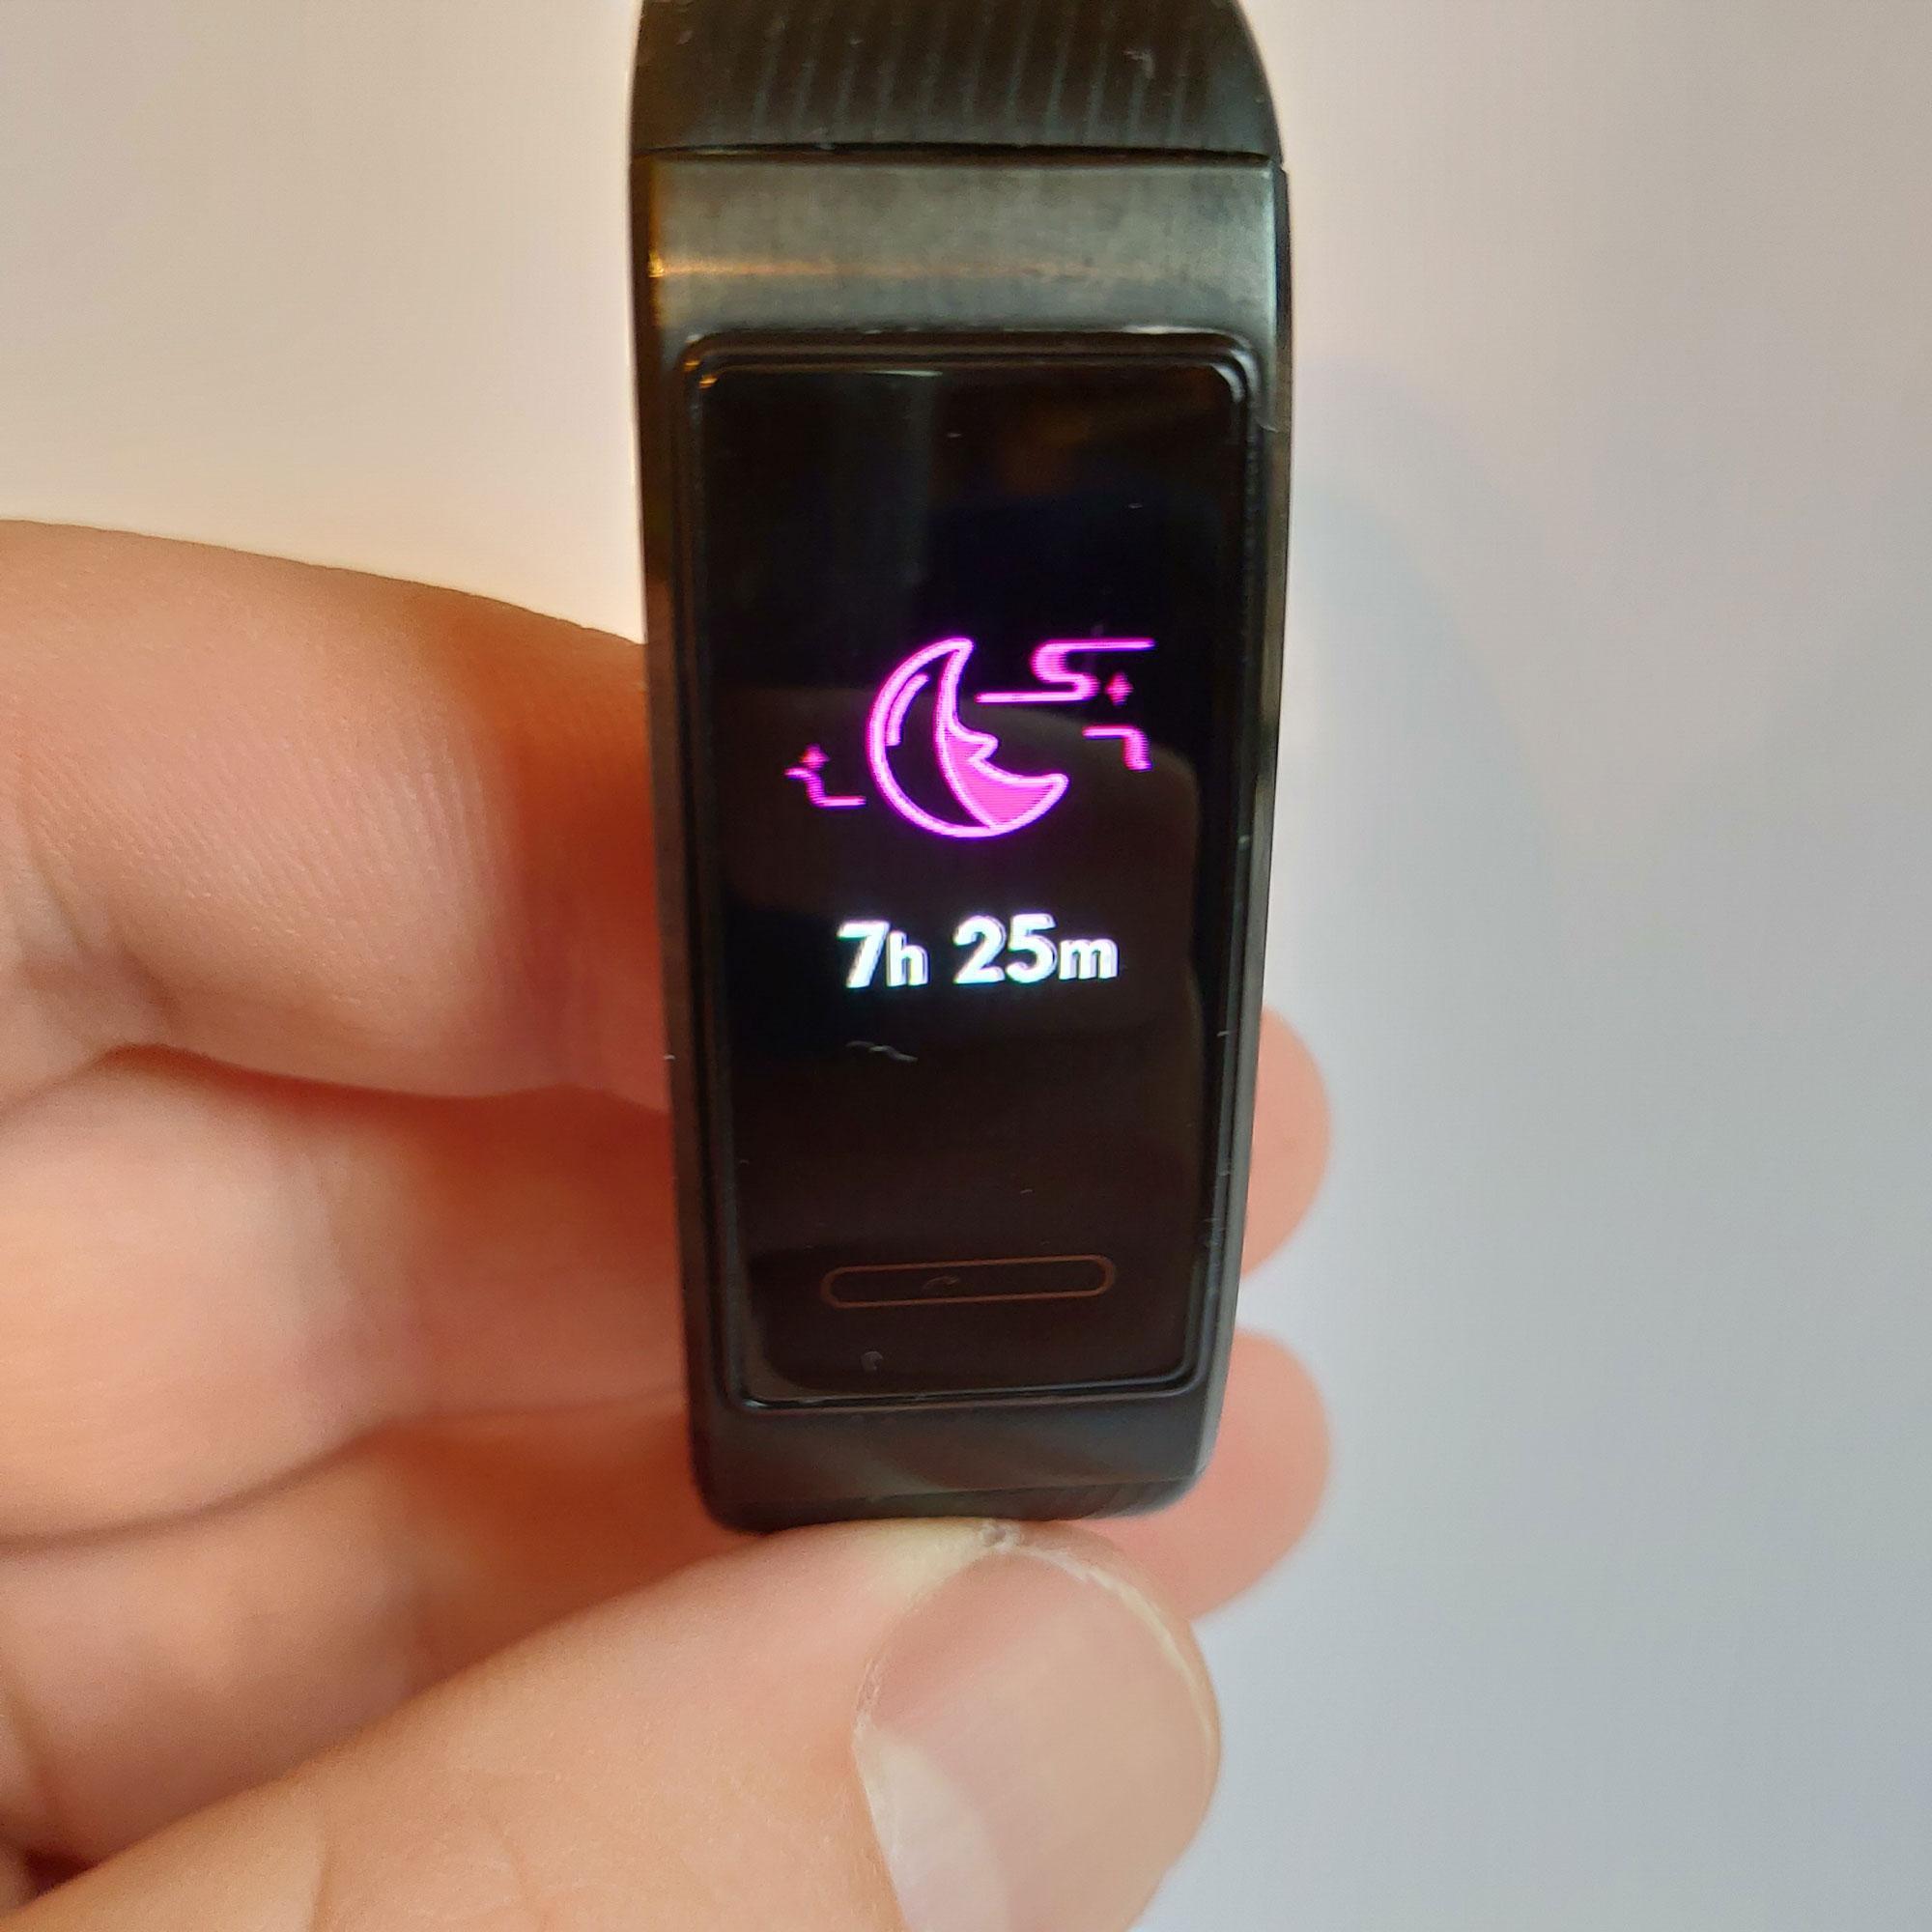 Обзор фитнес-браслета Huawei Band 3 Pro сцветным экраном